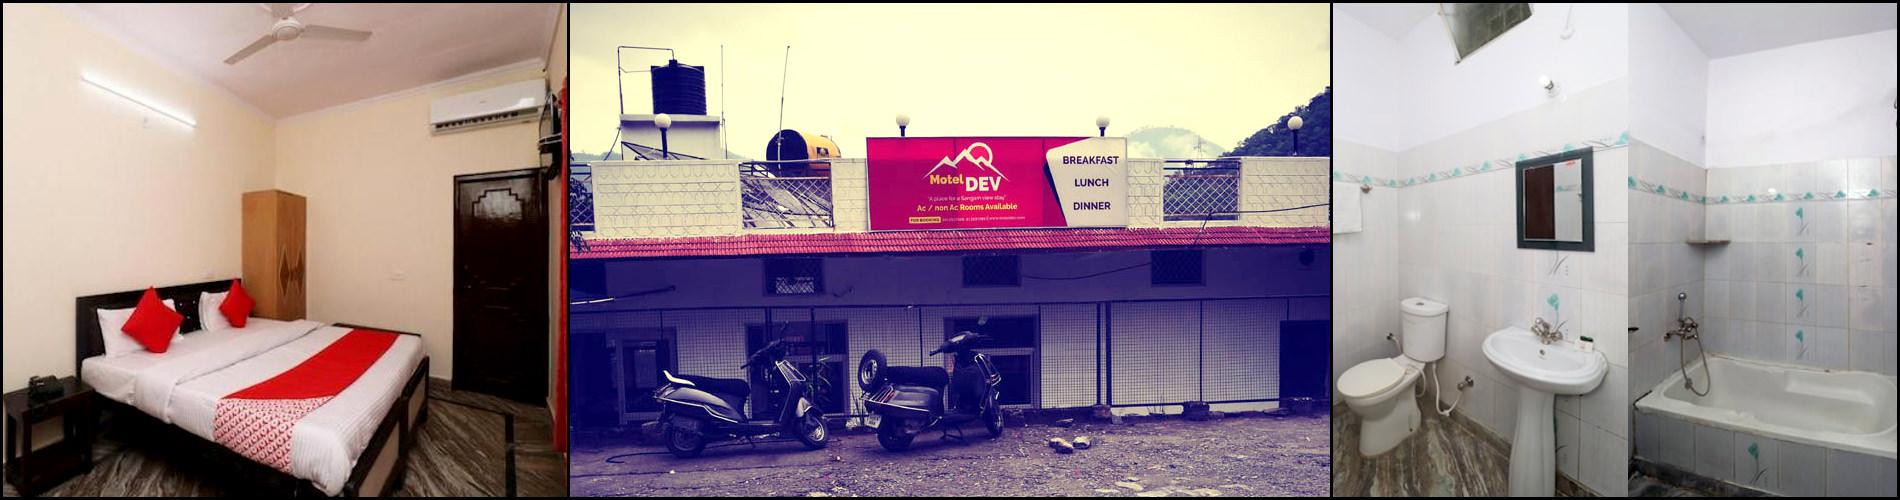 Motel Dev